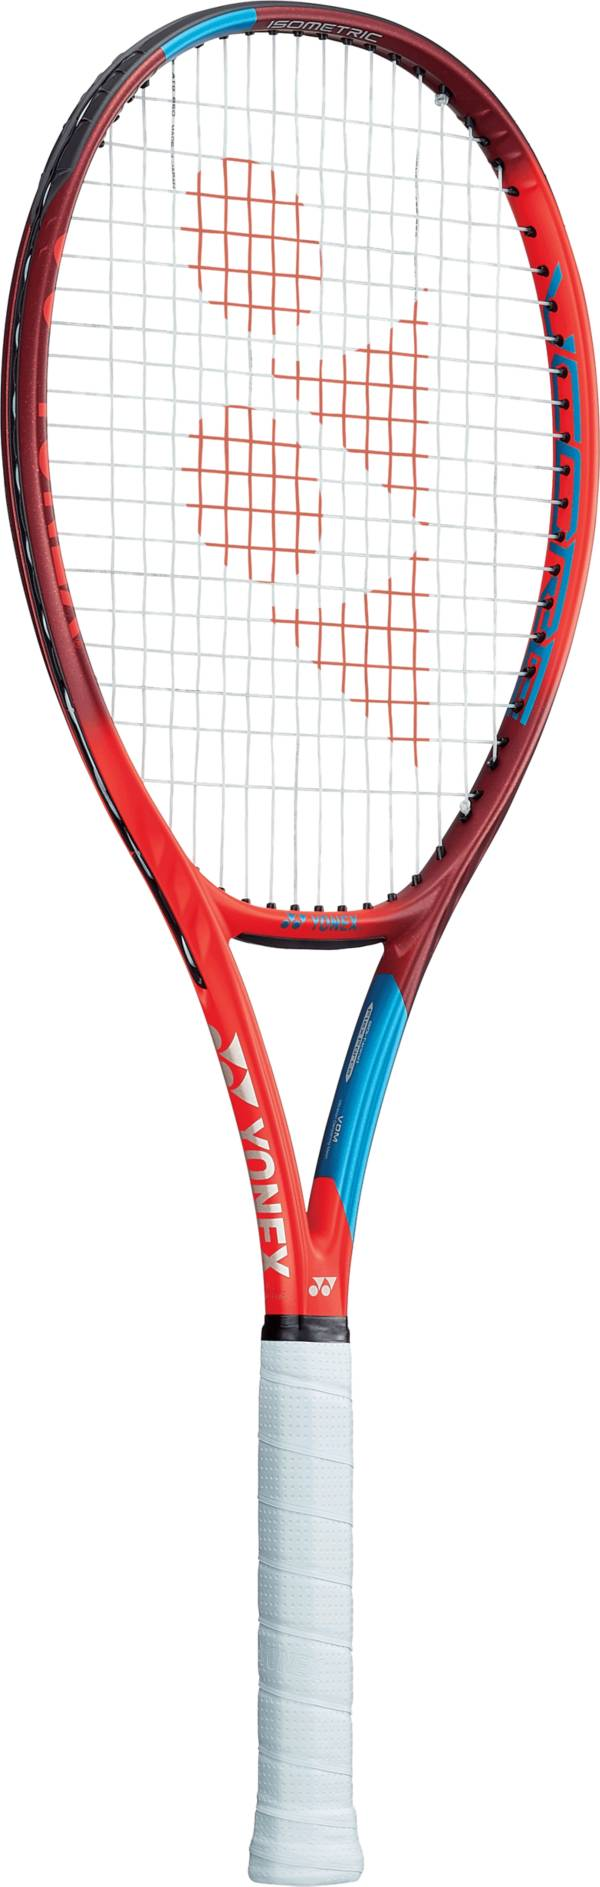 Yonex VCore 98L Tennis Racquet product image